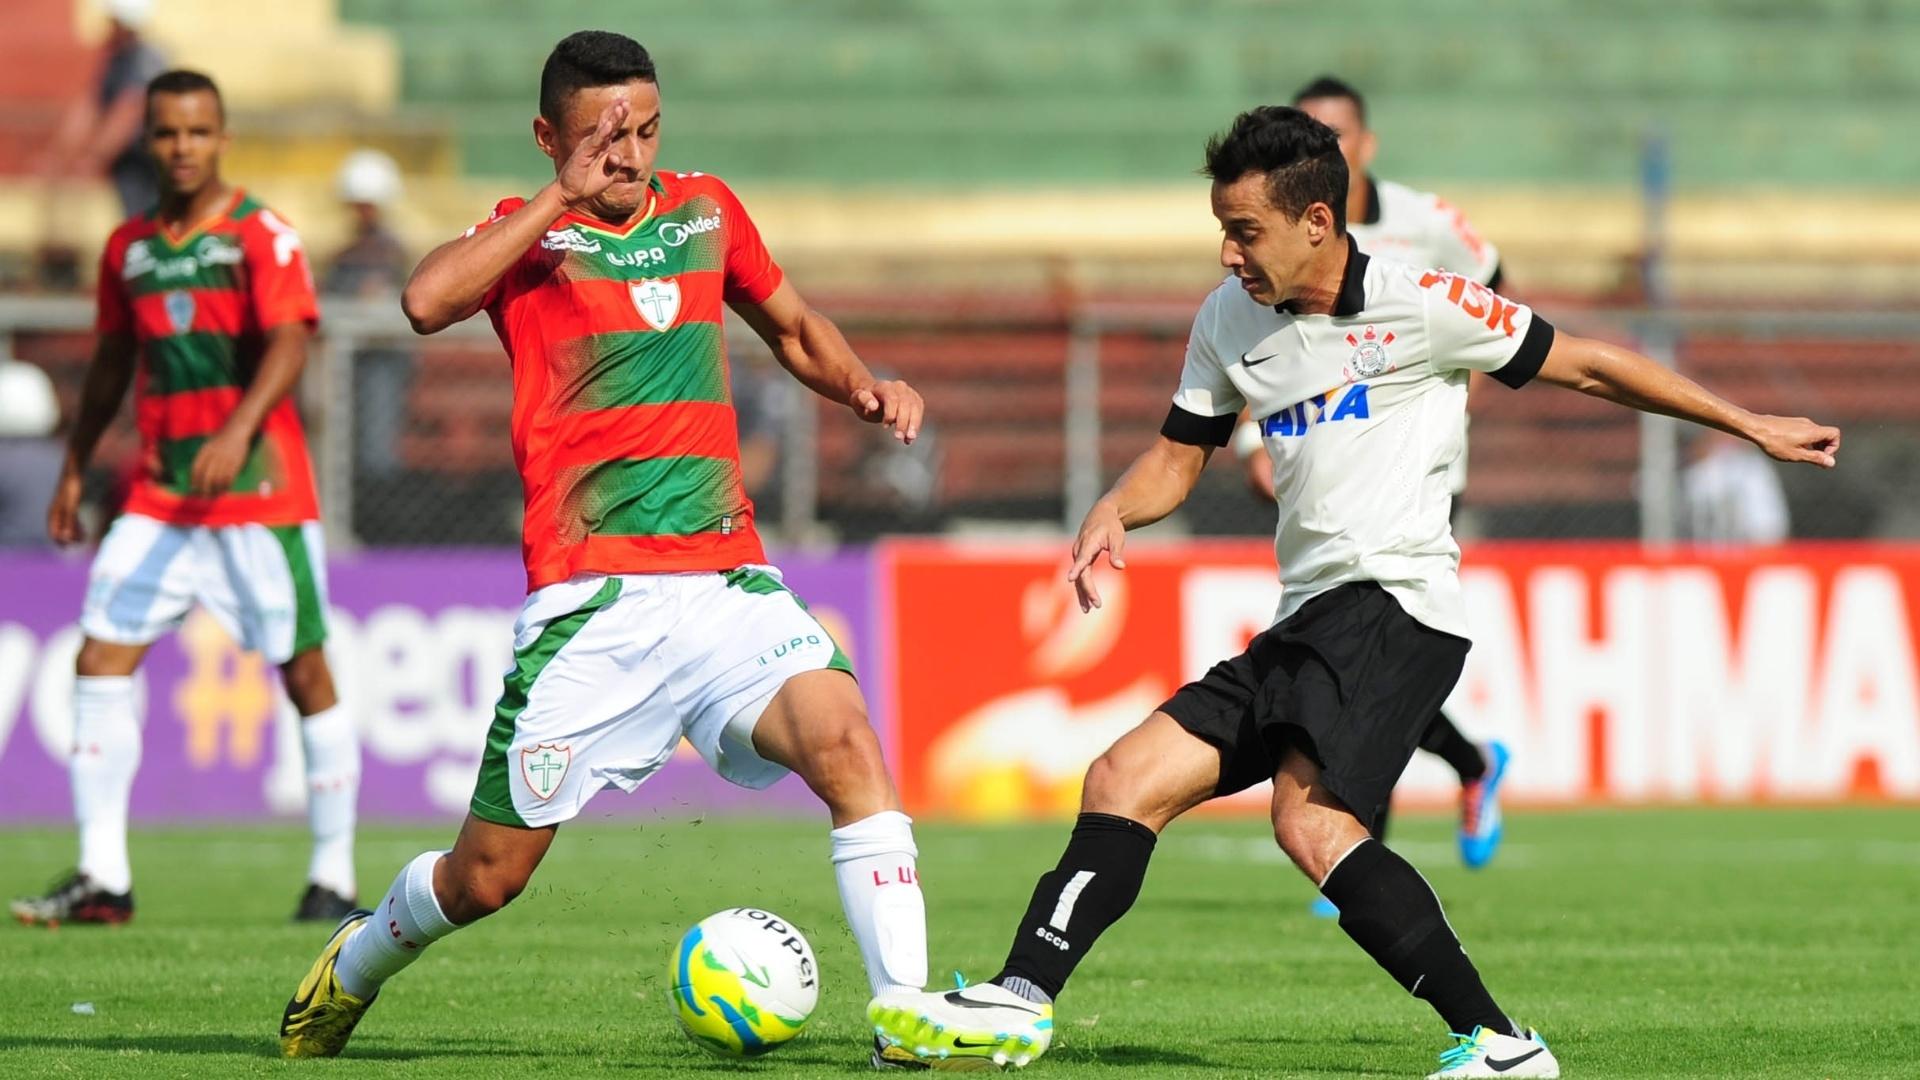 19.jan.2014 - Rodriguinho aplica drible sobre jogador da Portuguesa durante partida no Canindé